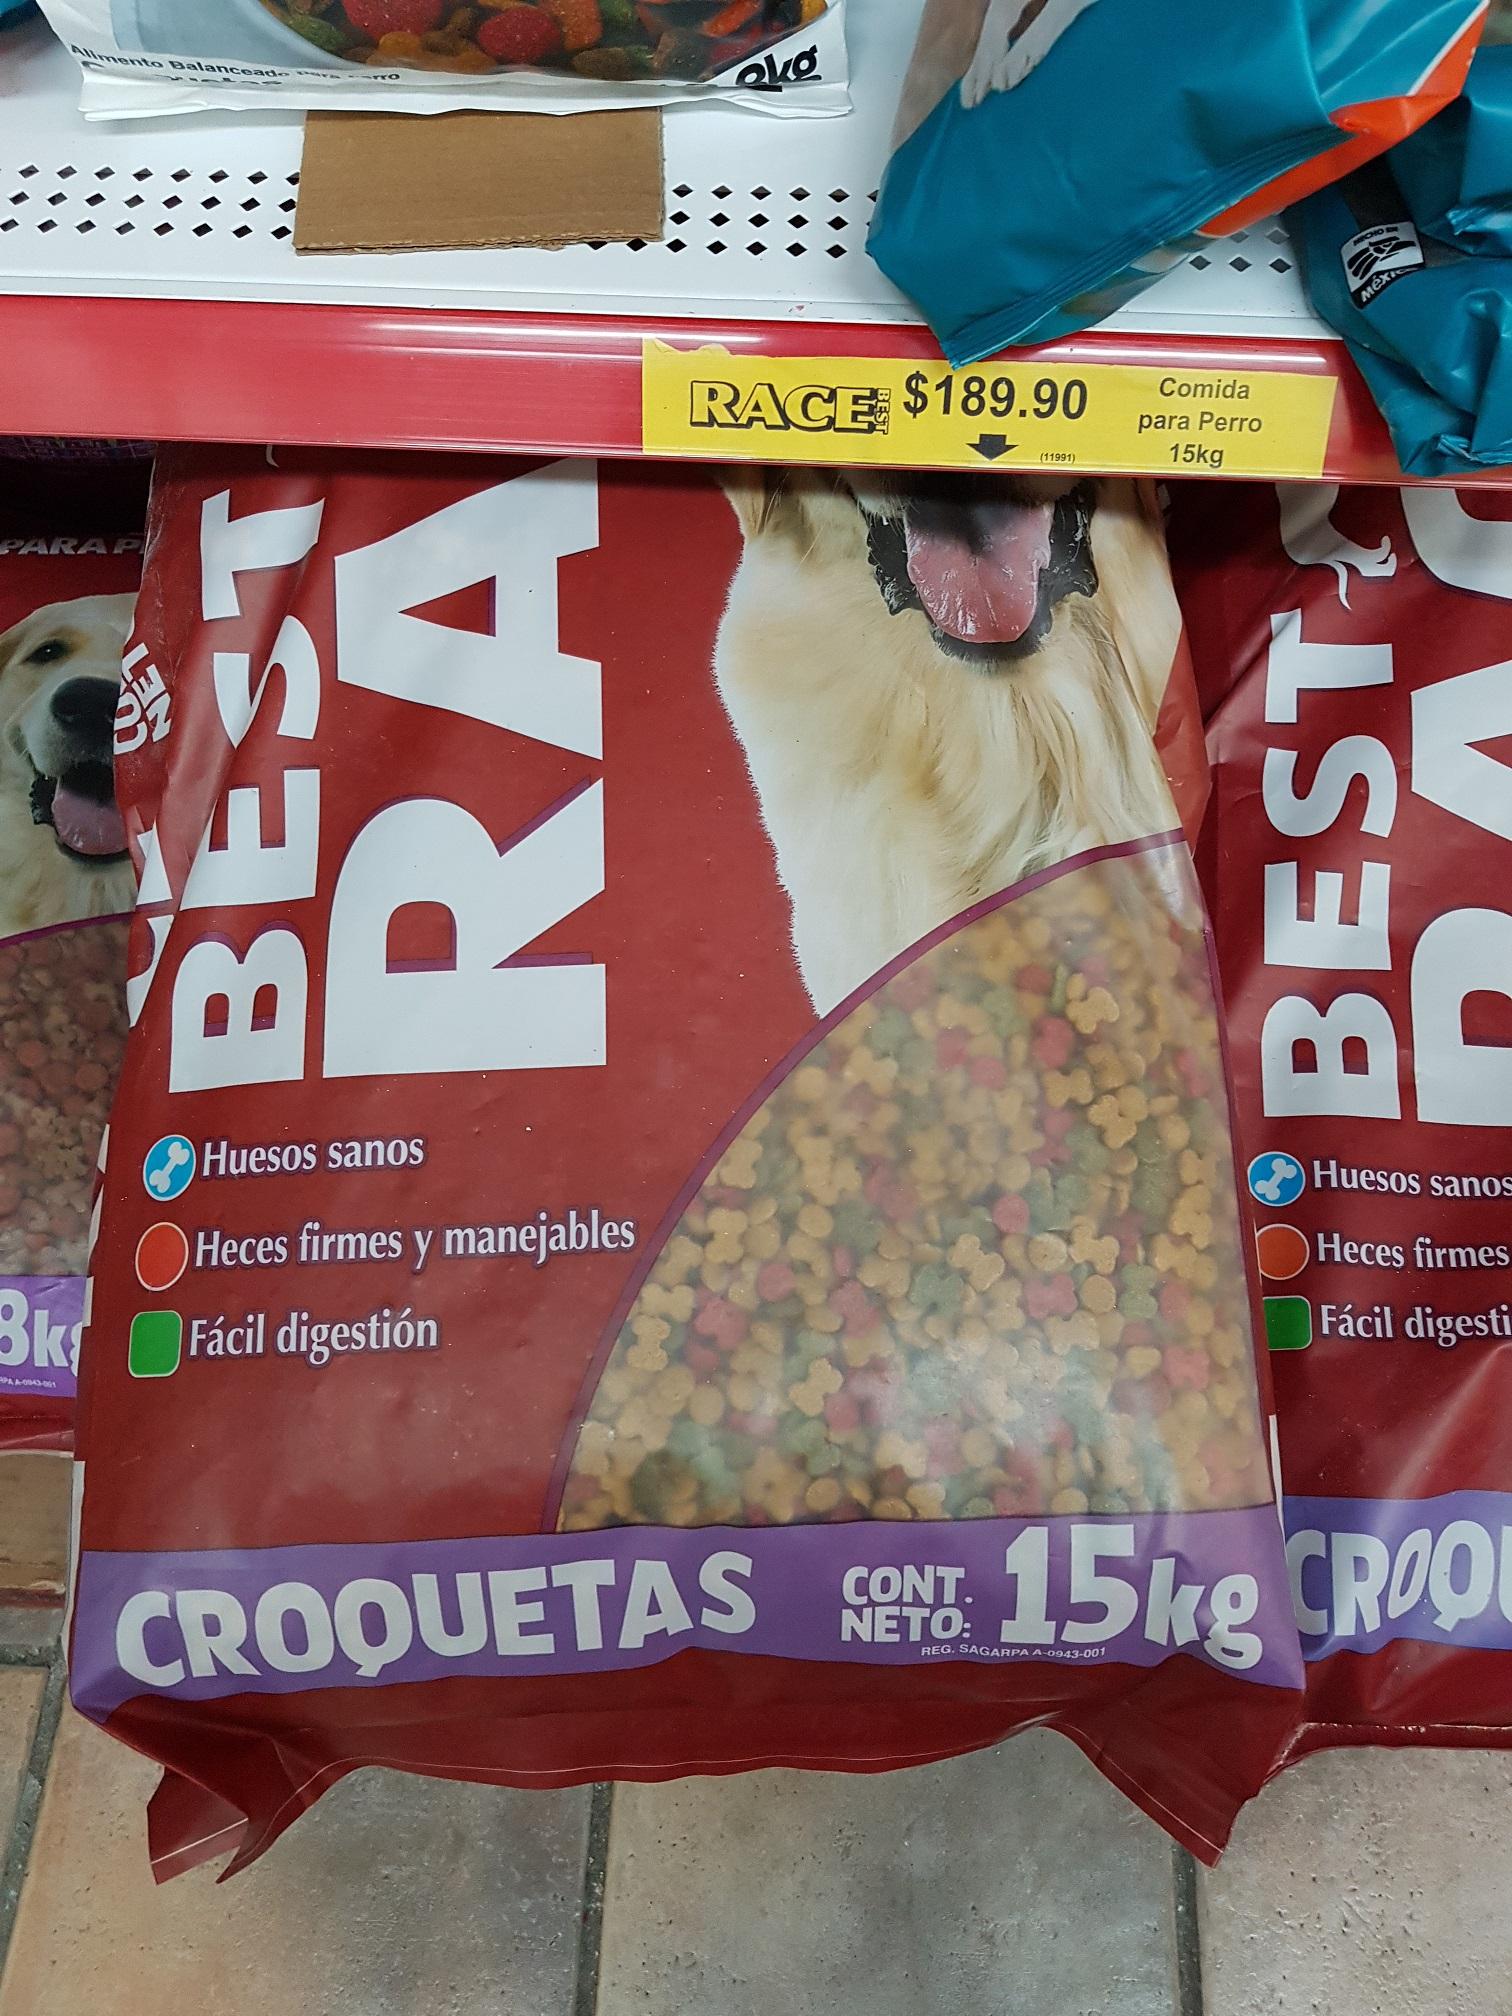 Tienda Tres B: Alimento para Perros 15kg 189.90